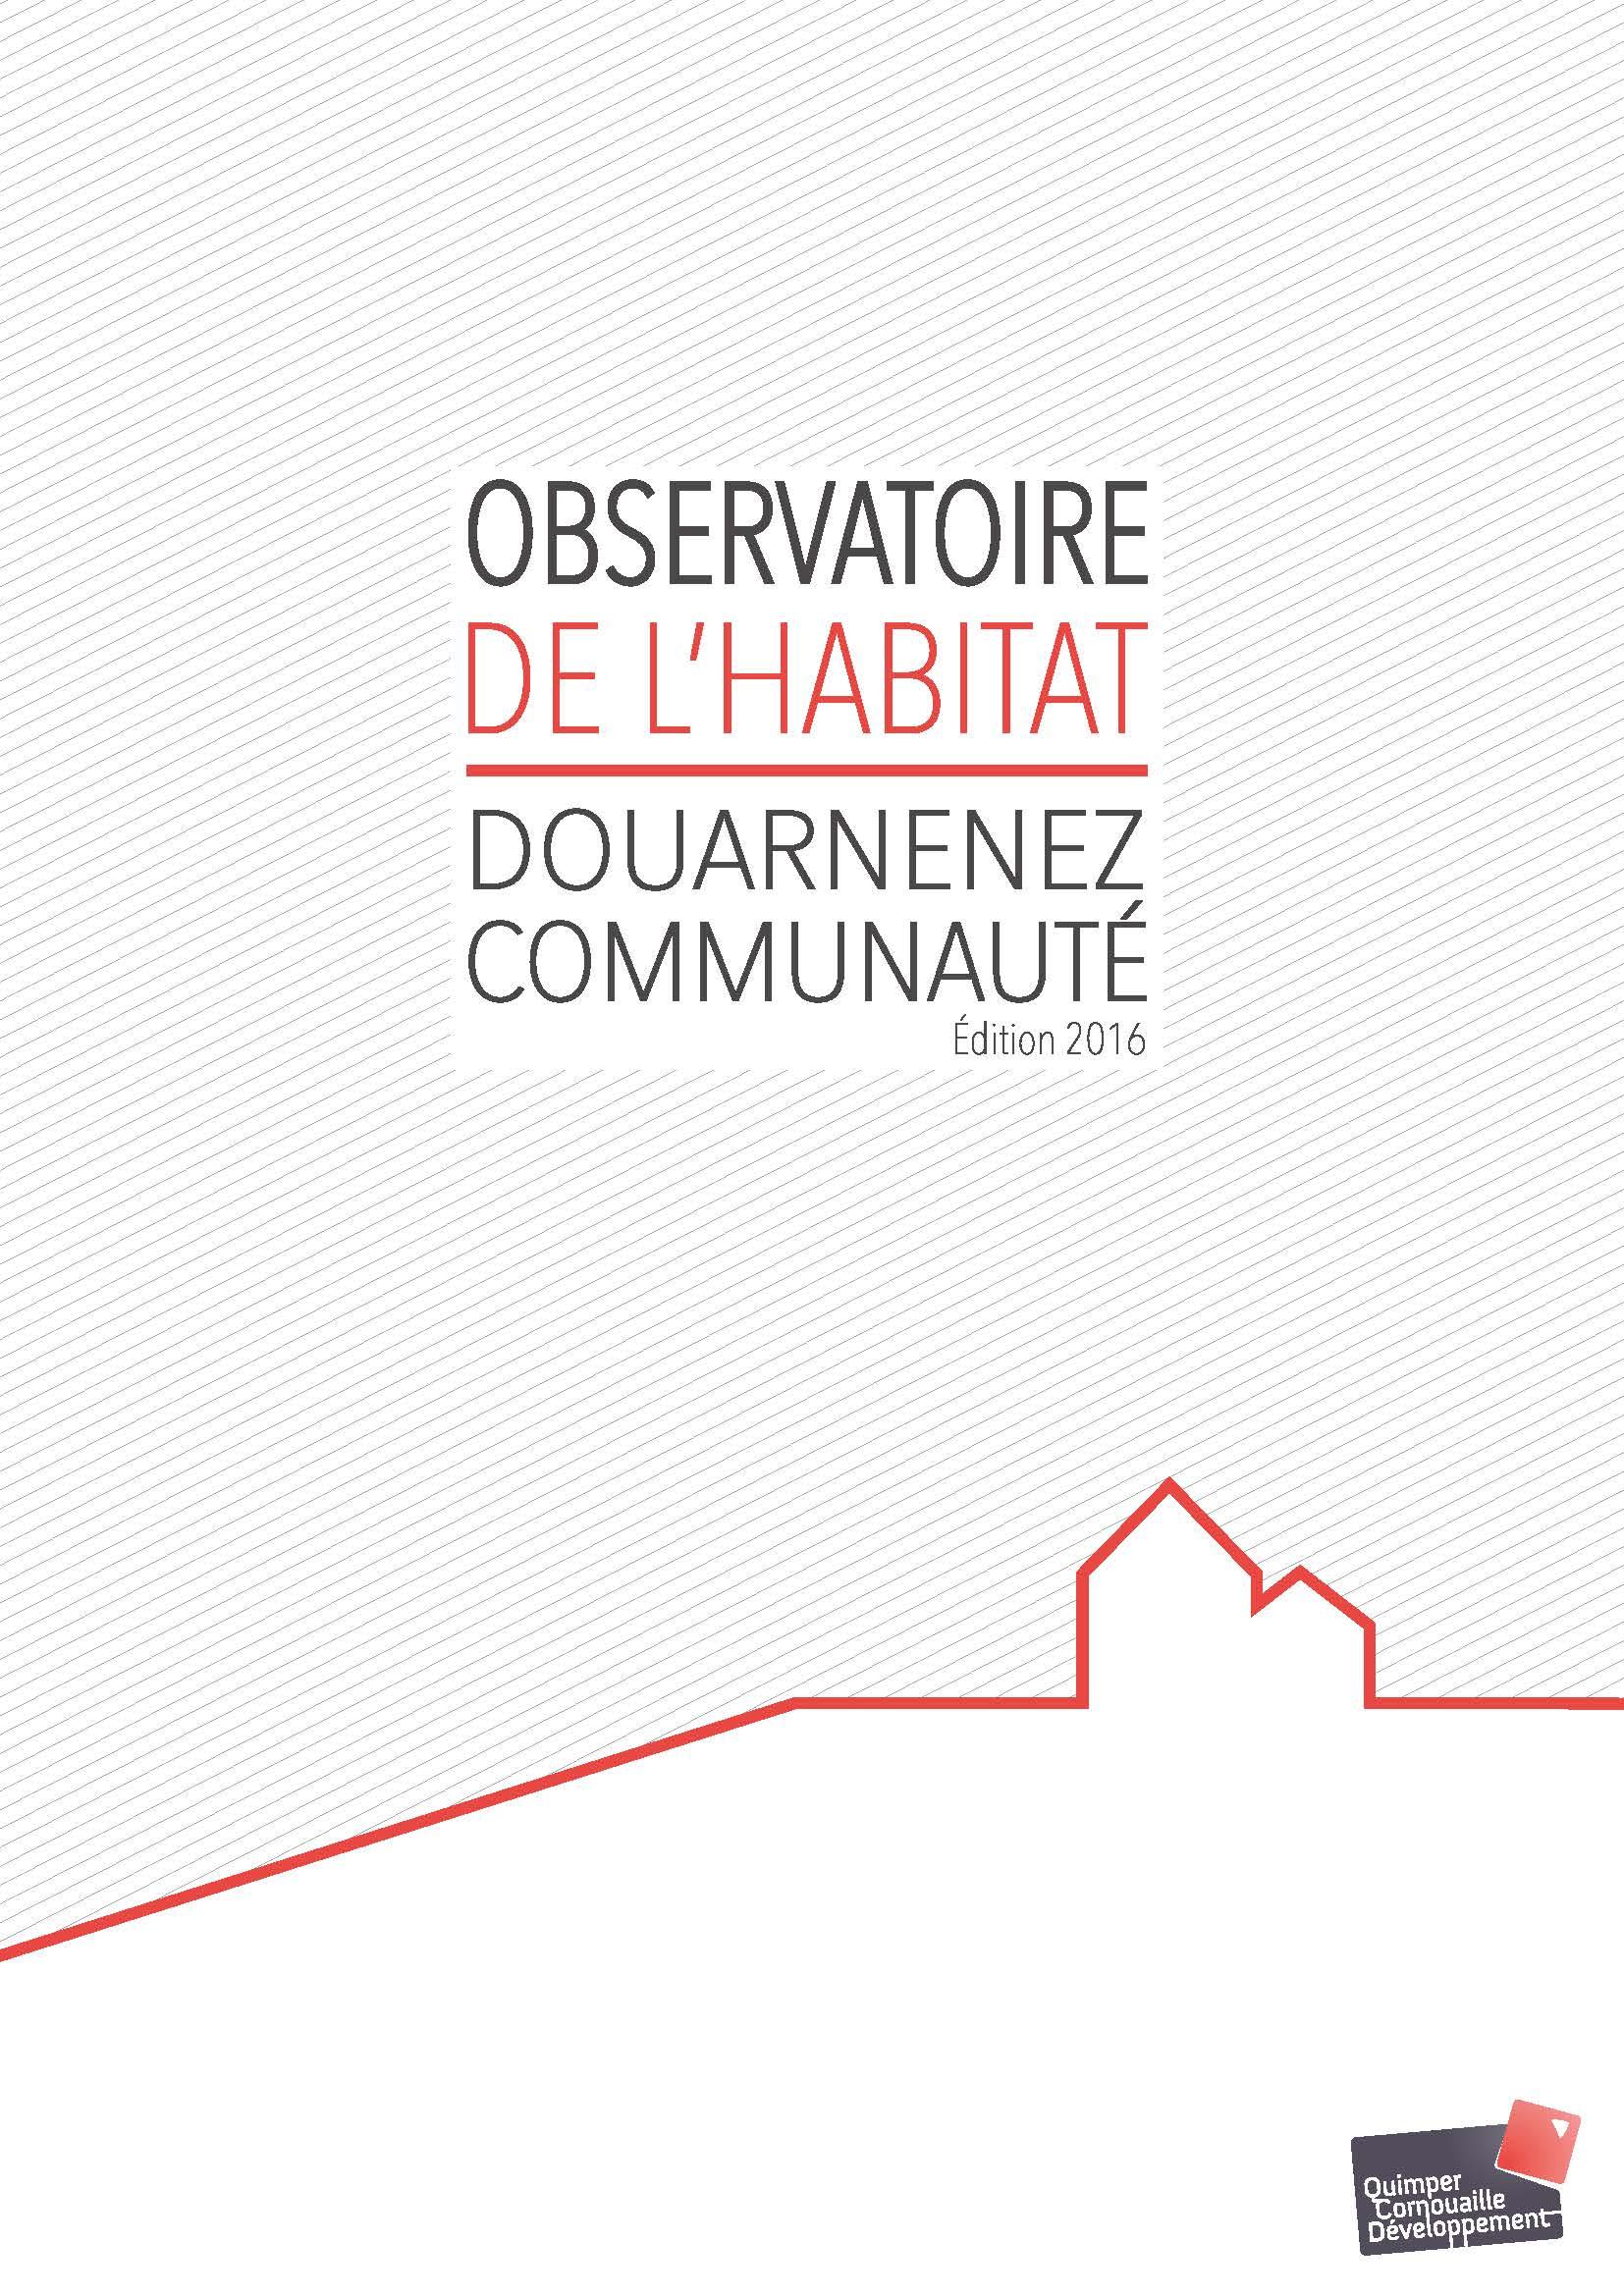 Observatoire de l'habitat 2016 - Douarnenez Communauté (réalisé par Quimper Cornouaille Développement)